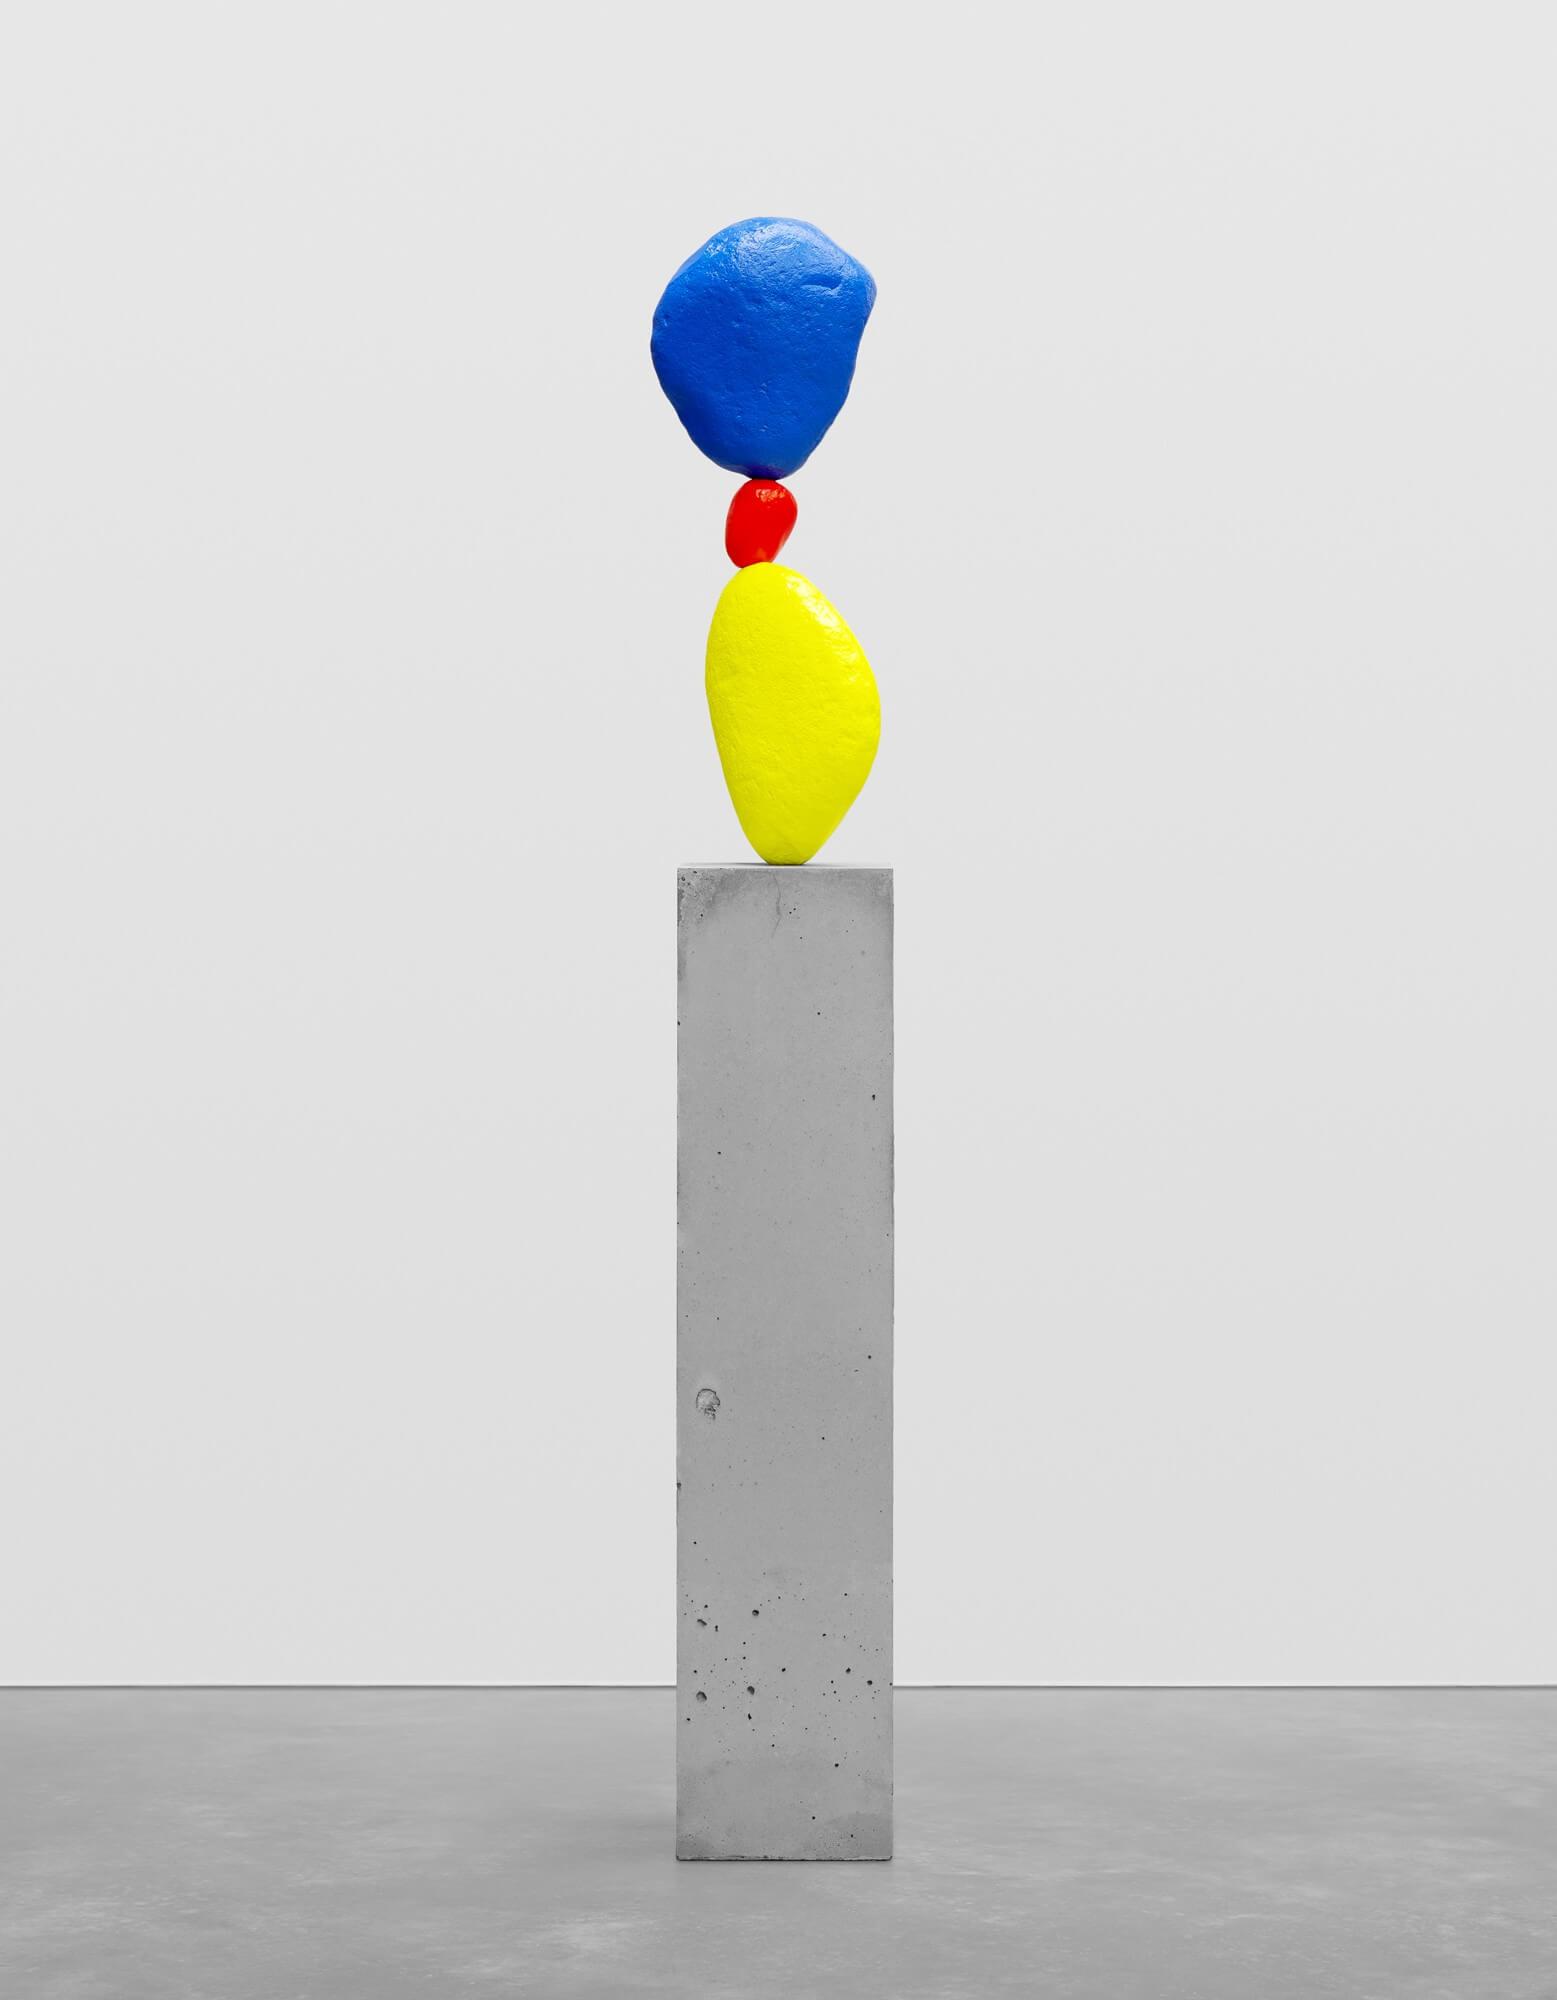 yellow pink blue | UGO RONDINONE